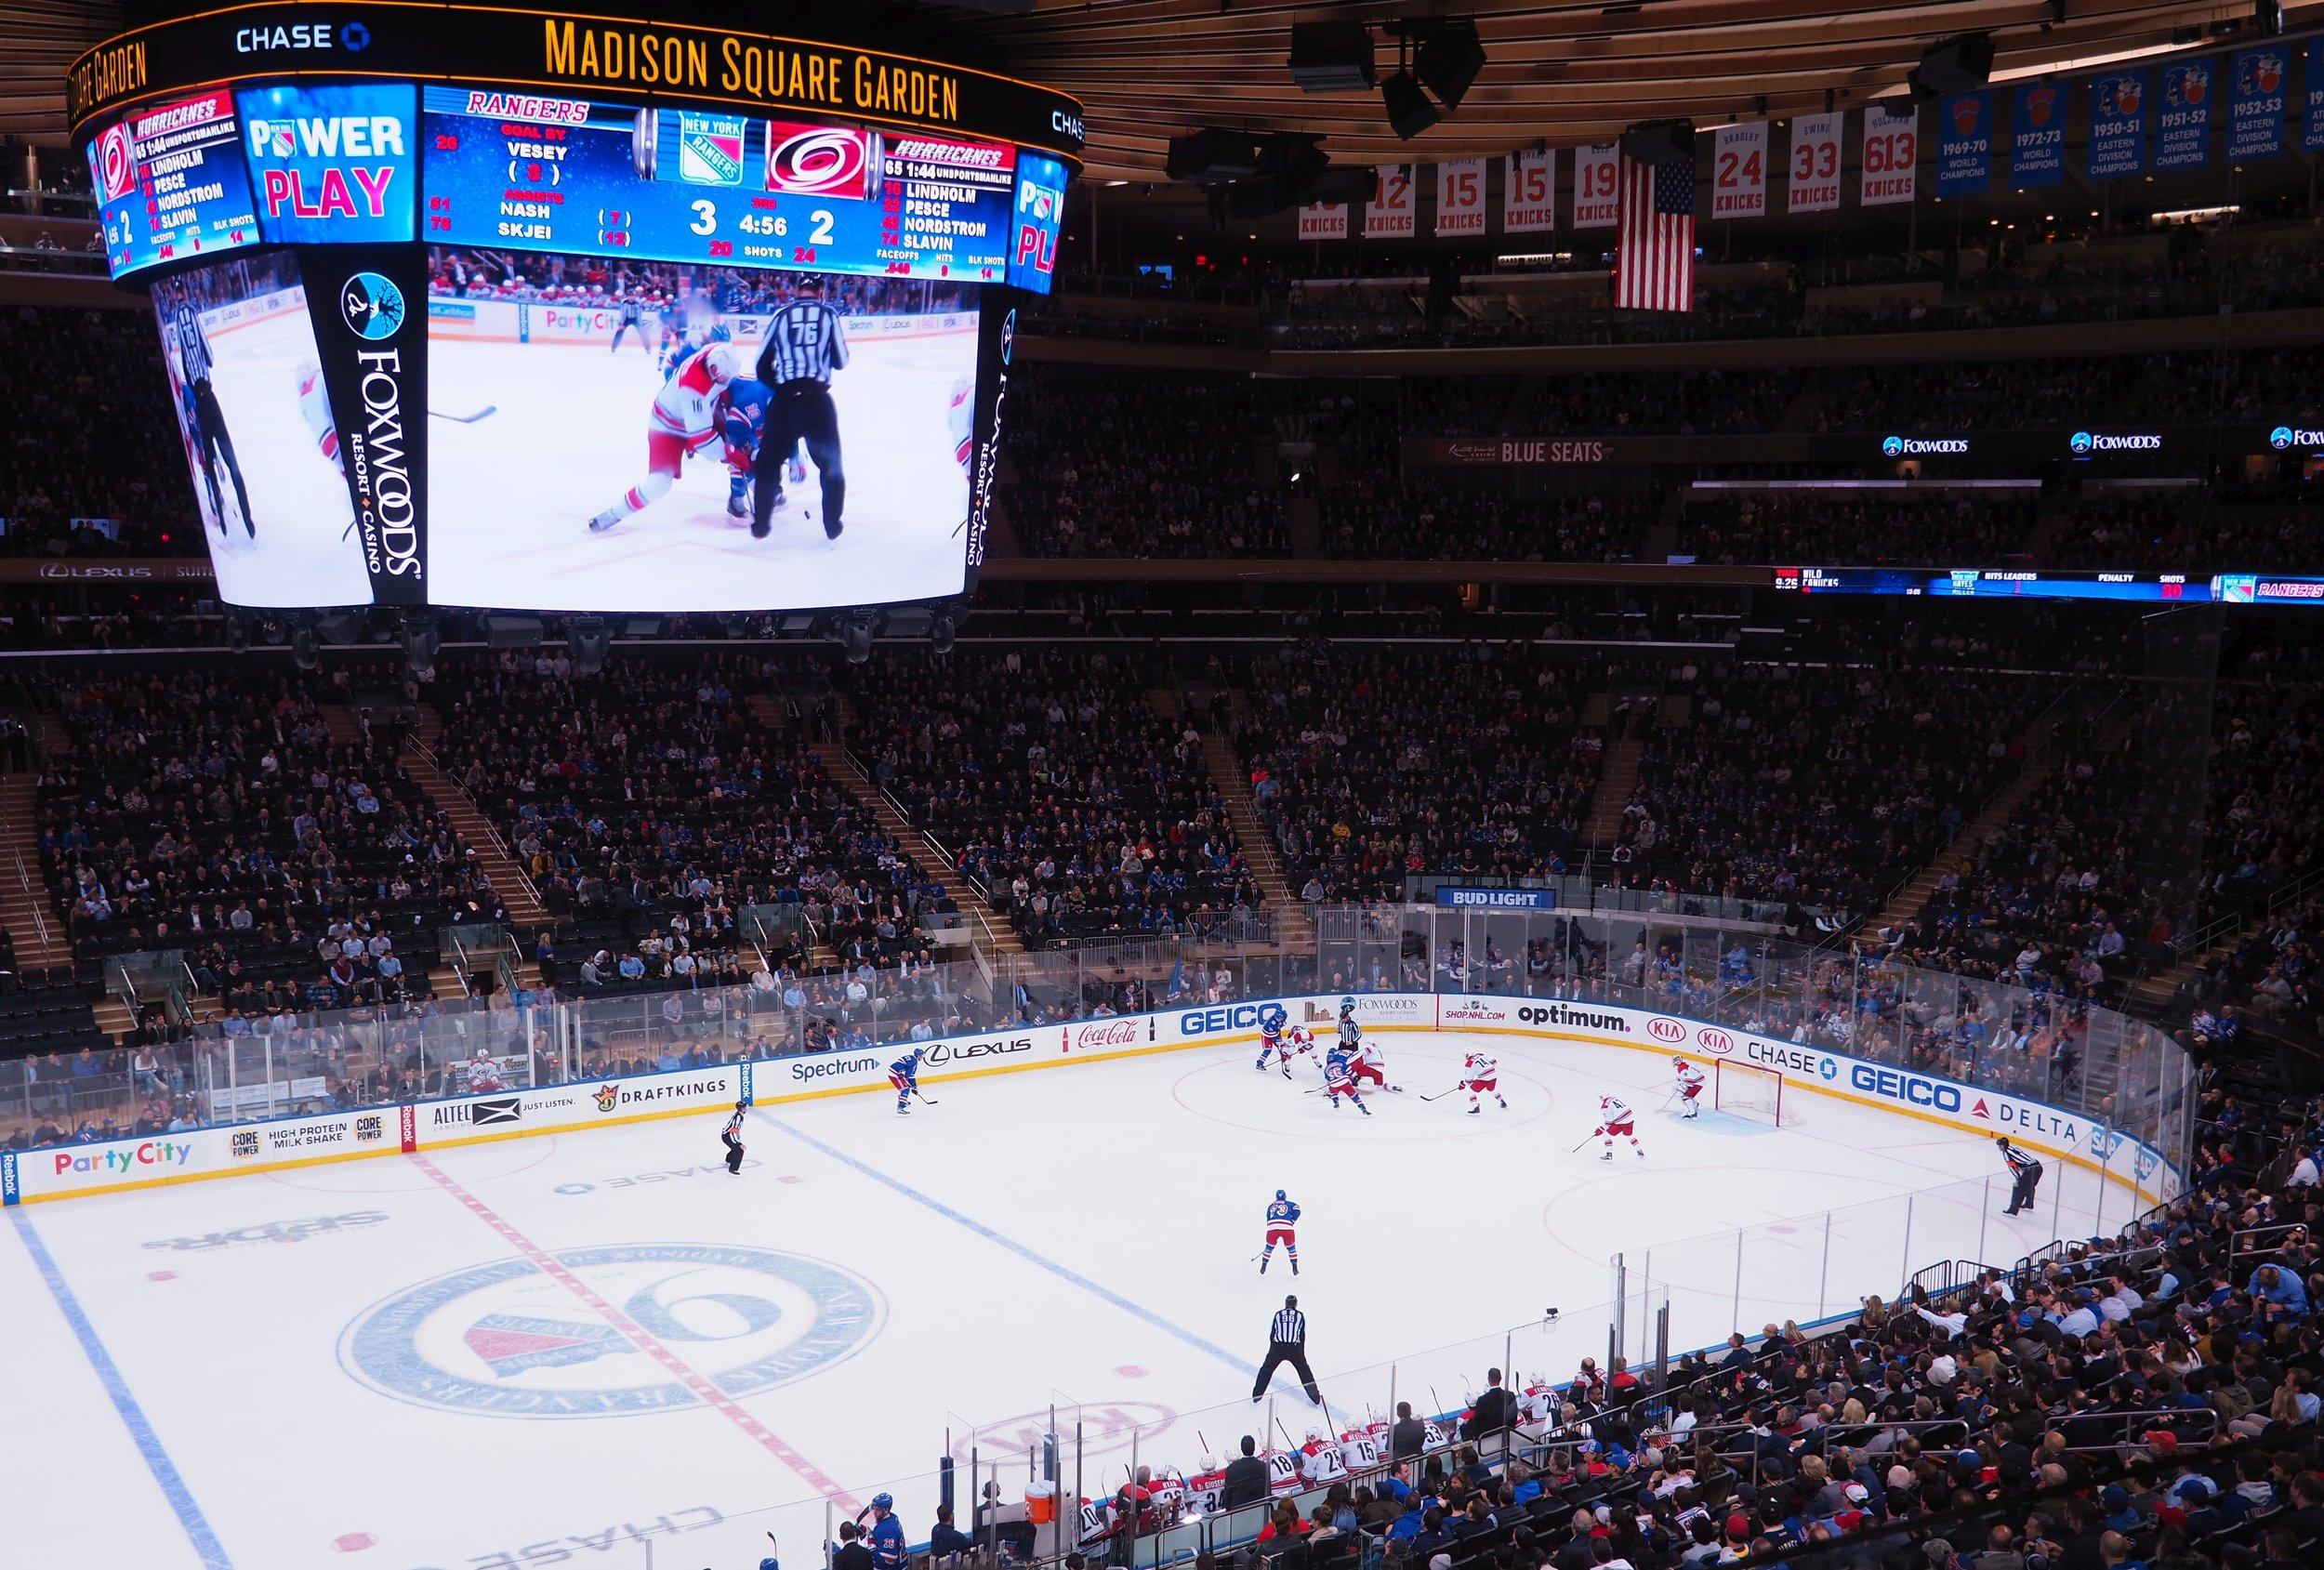 Tiistai:  Sateinen päivä New Yorkissa. Messunäyttely saatu valmiiksi. Iltaohjemana New York Rangersin peli Madison Square Gardenilla